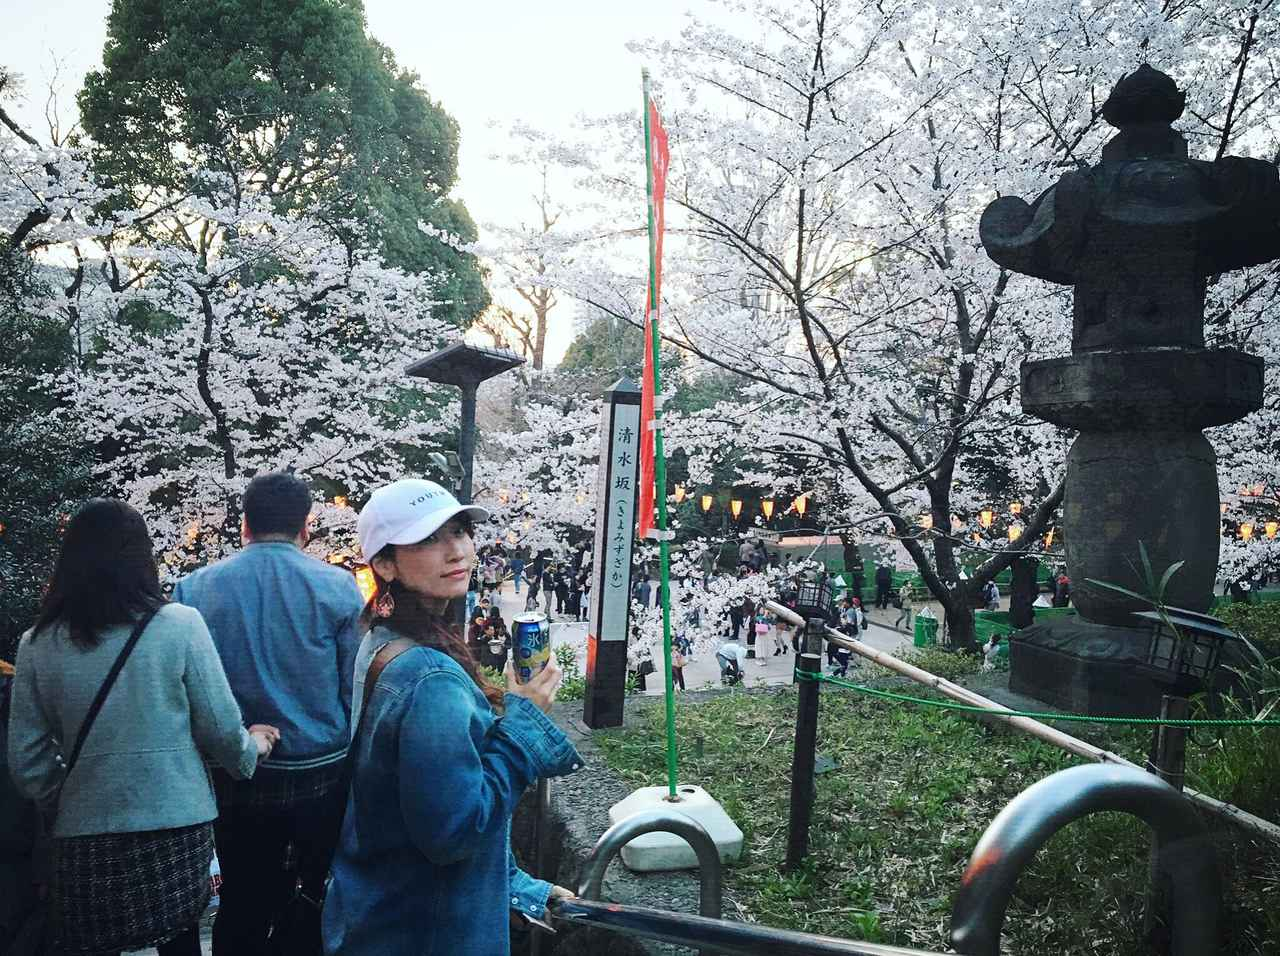 画像6: ミク様は花より団子!?今年初のお花見は◯◯へ行ってきました♡【水曜日のミク様】